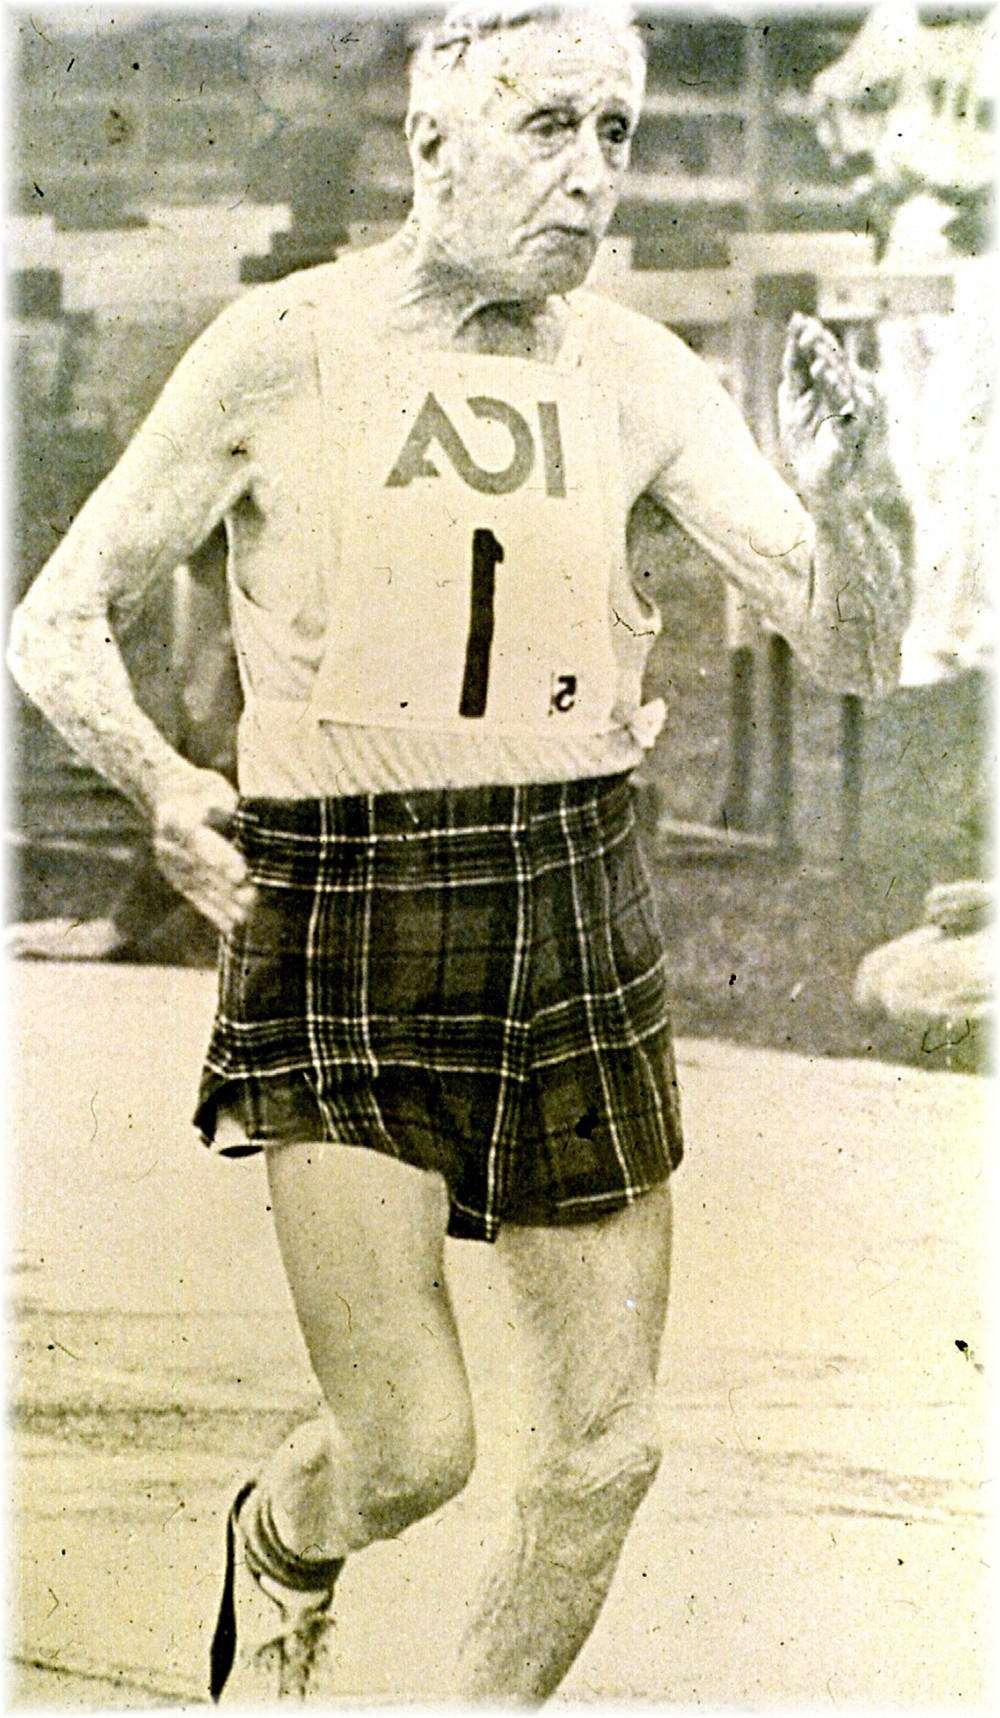 Duncan Mclean: the Tartan Flash 93 yrs